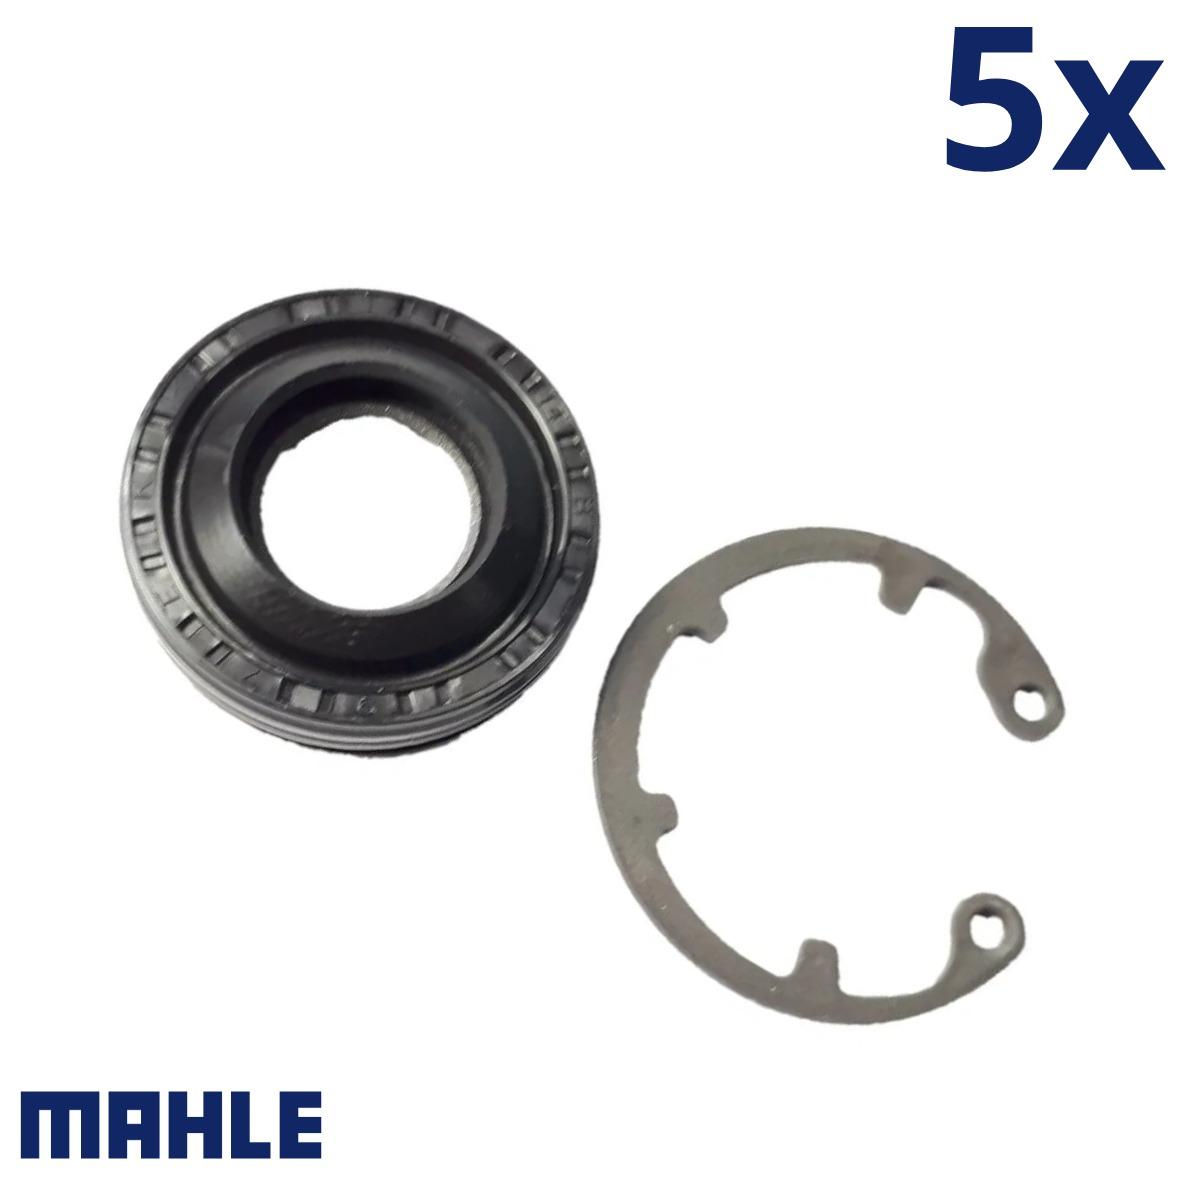 KIT 5X Reparo Selo Retentor Compressor Gm E Fiat Acpx 9 - Mahle